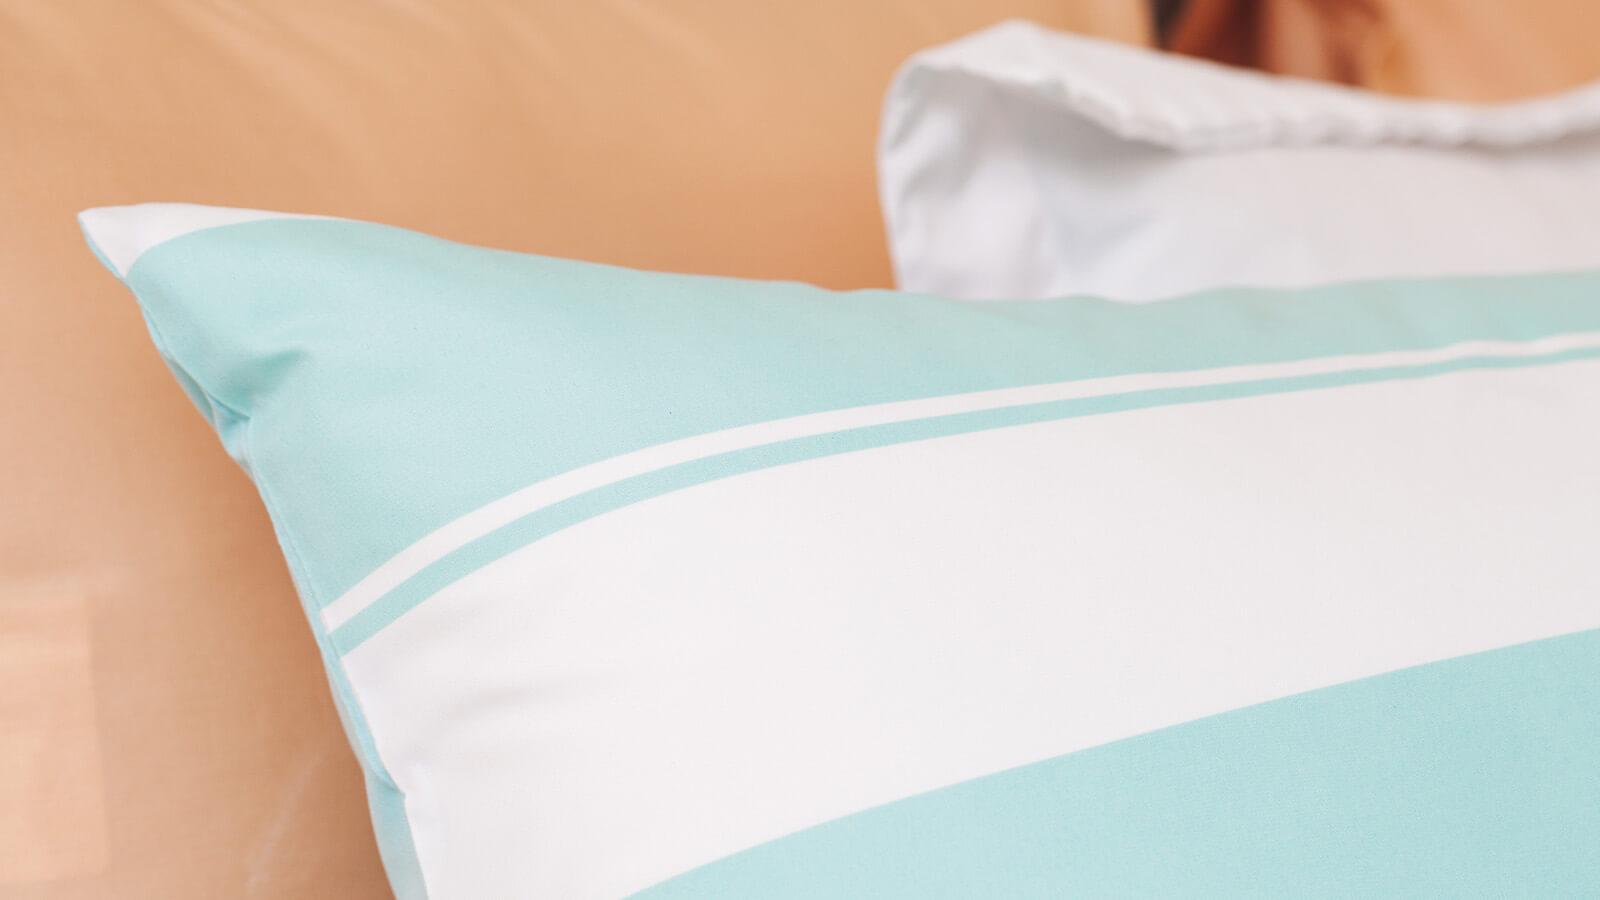 Lotus รุ่น Melbourne ชุดผ้าปูที่นอน L-MB-01B